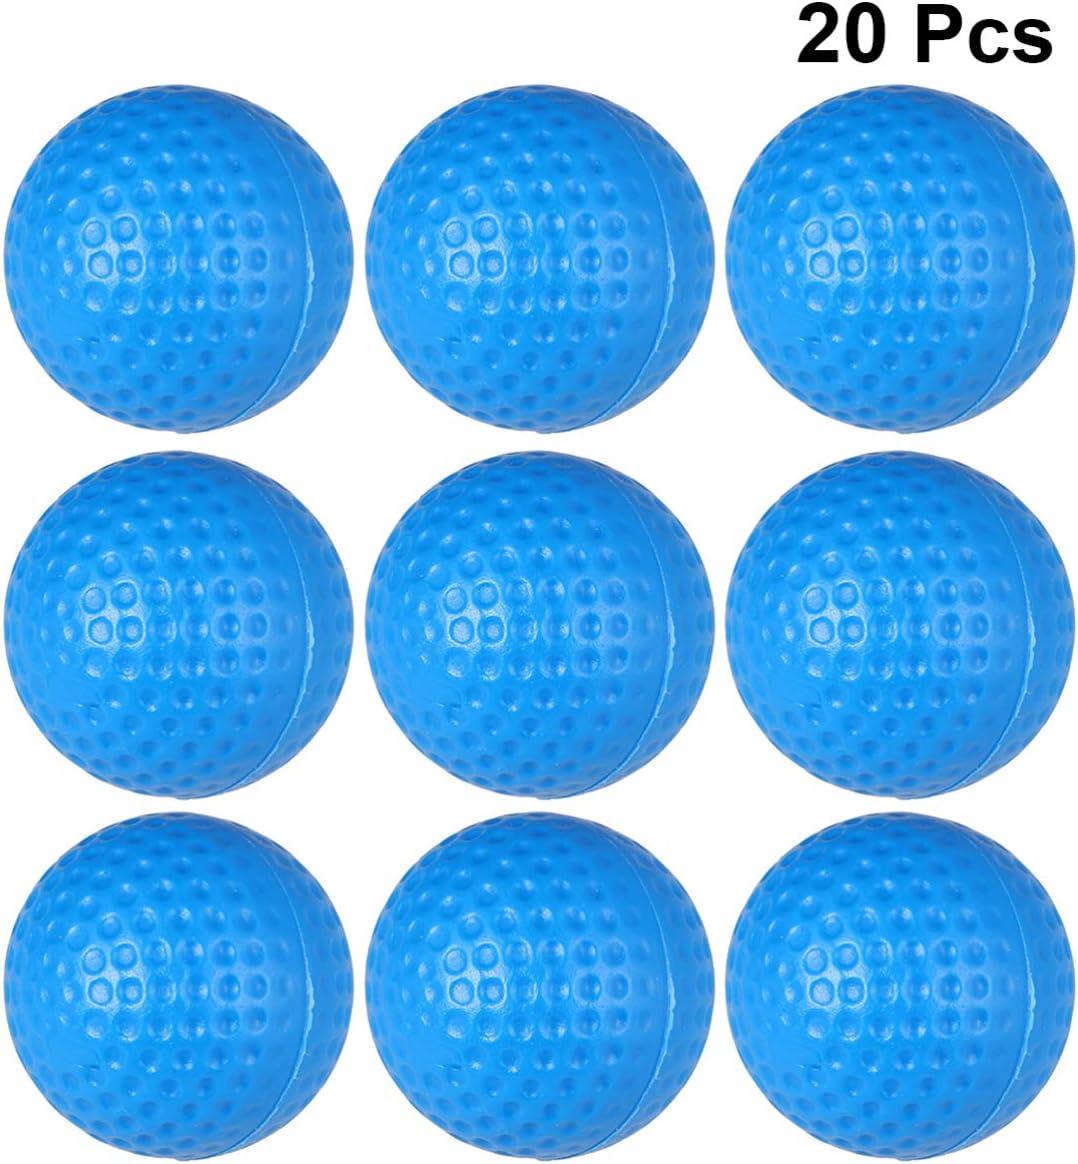 Wakauto 20 Piezas Pelota de Golf Practica Azul,Pelotas de Golf de Espuma de Poliuretano,Pelota de Golf Ninos,Bolas de Golf Plastico Duro,Pelotas de Golf Elásticas al Aire Libre